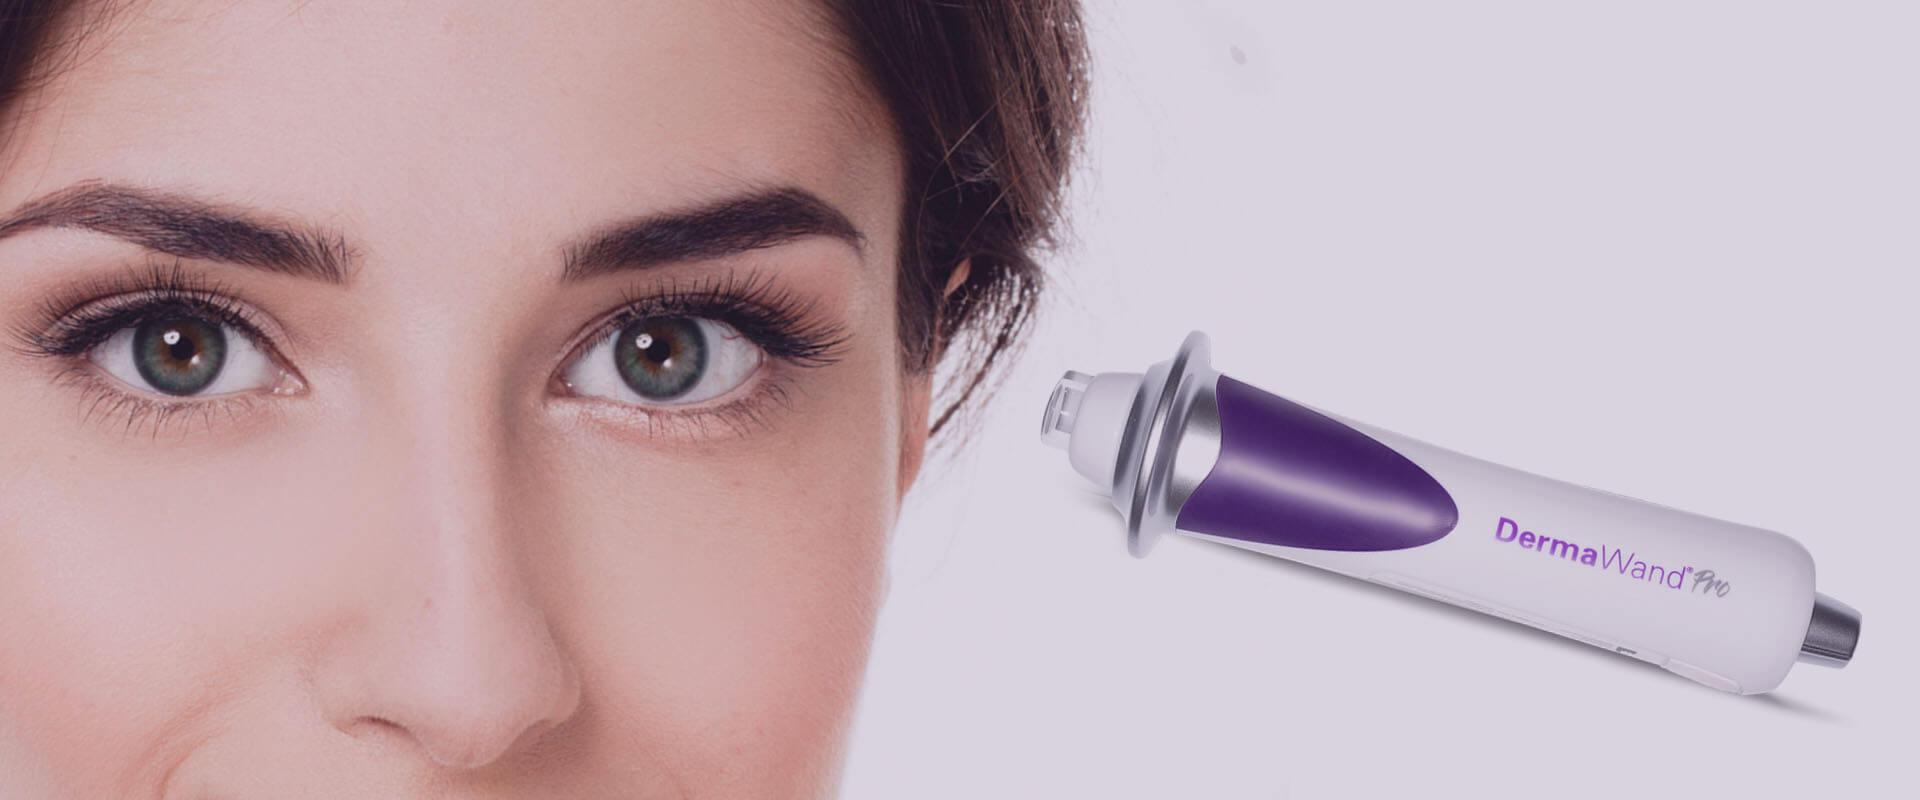 Rutina de belleza contorno de ojos con DermaWand® Pro